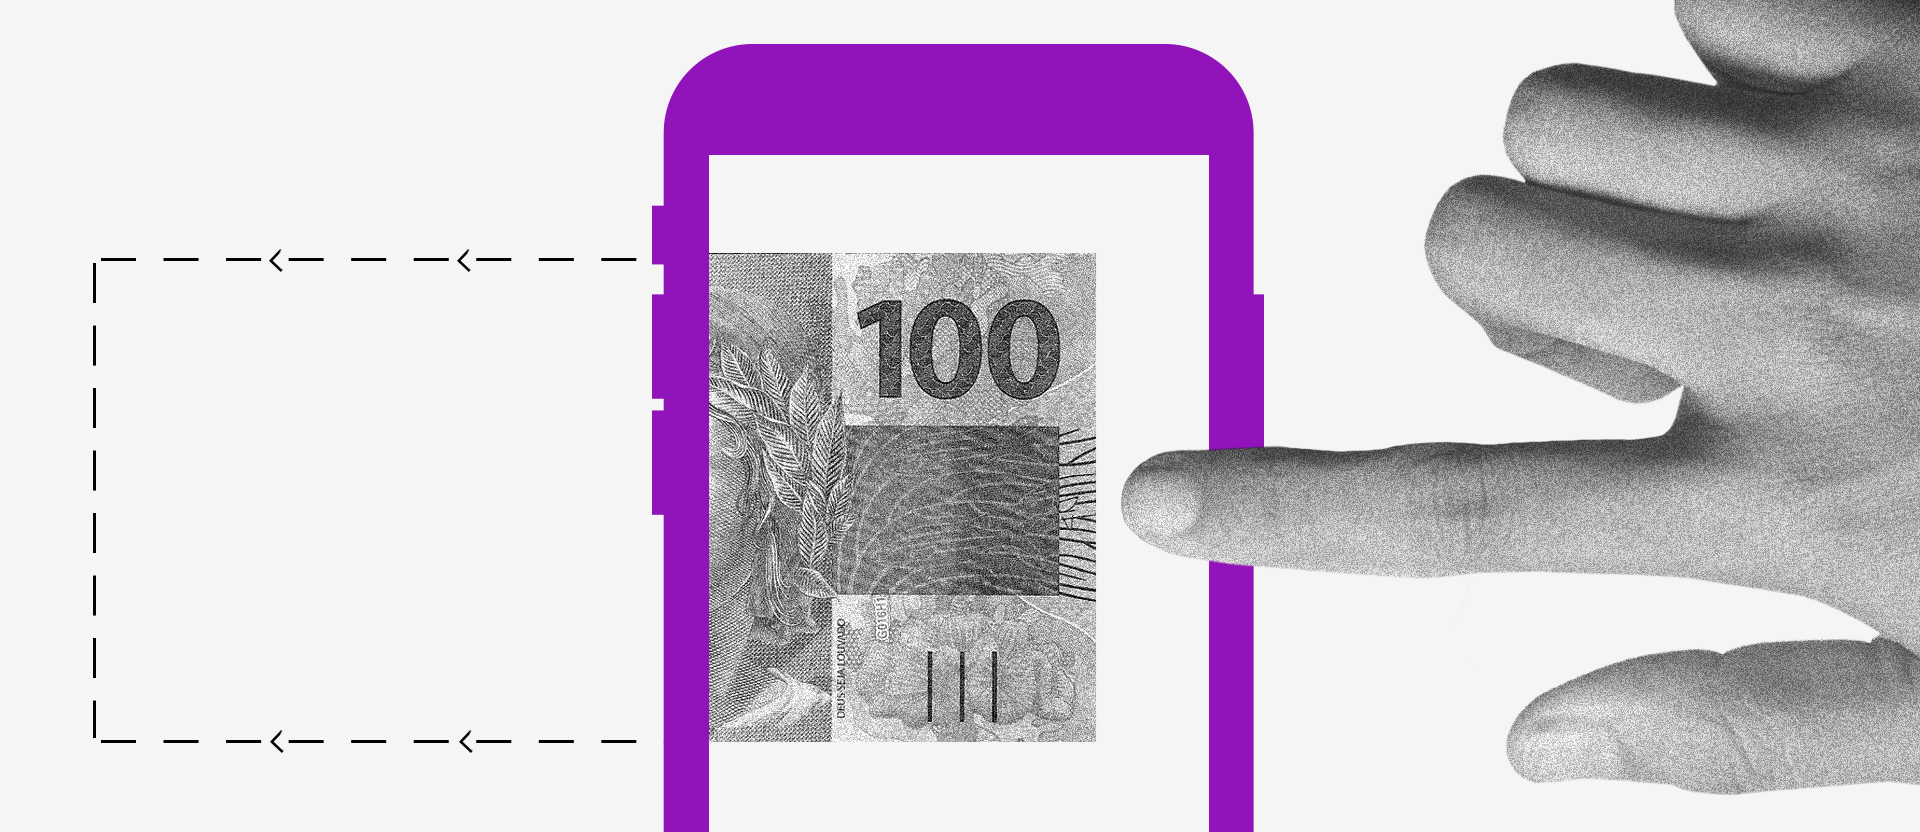 Ilustração de uma nota de 100 reais dentro de uma tela de celular. Uma mão estica o dedo para tocar nela.